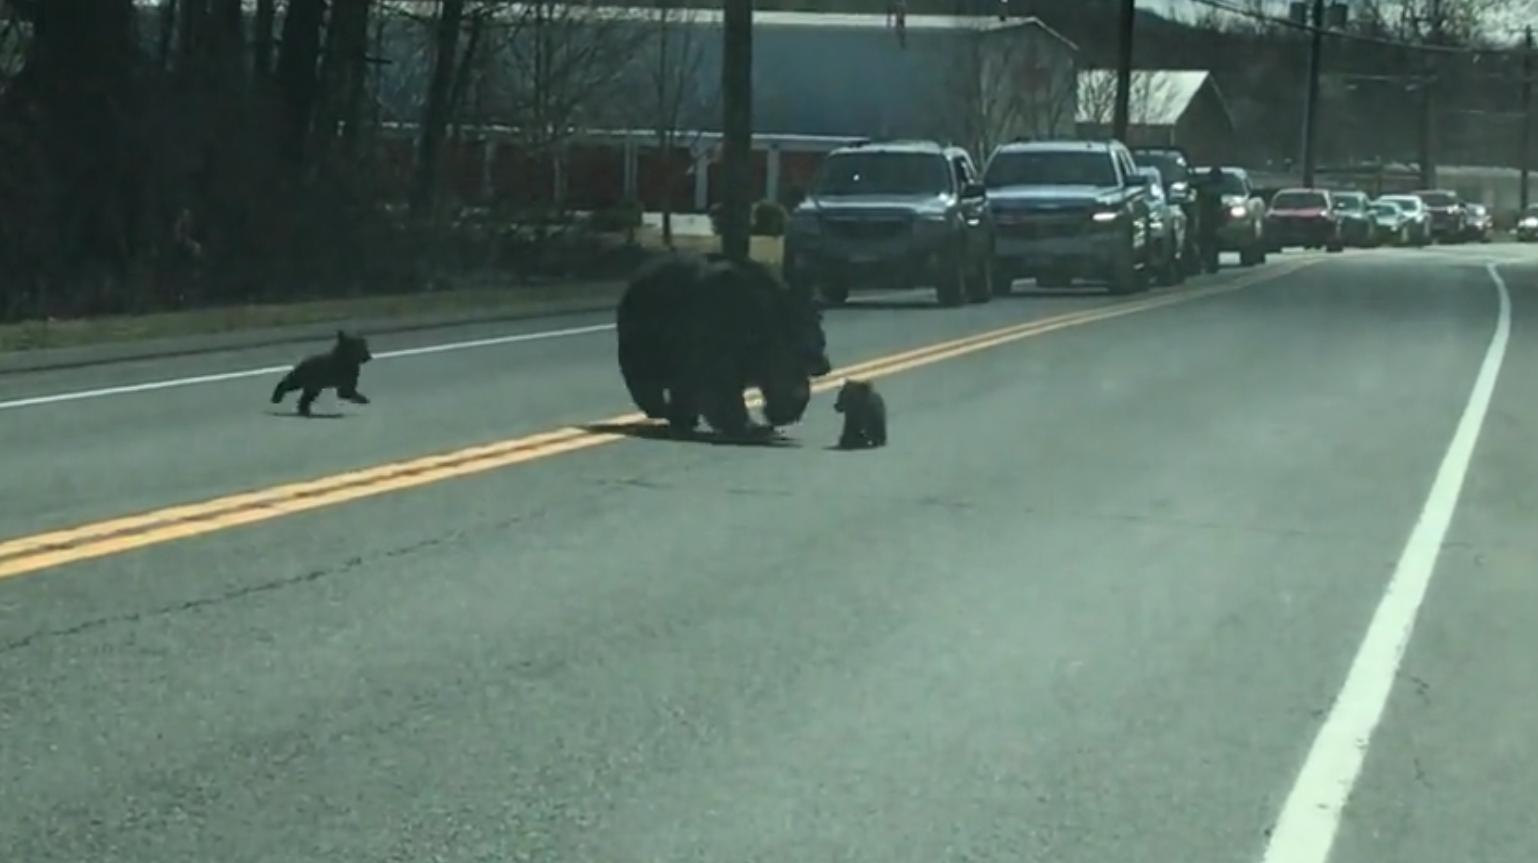 2021 04 05 6 - Vídeo divertido de uma mamãe urso lutando para levar quatro filhotes para o outro lado da estrada